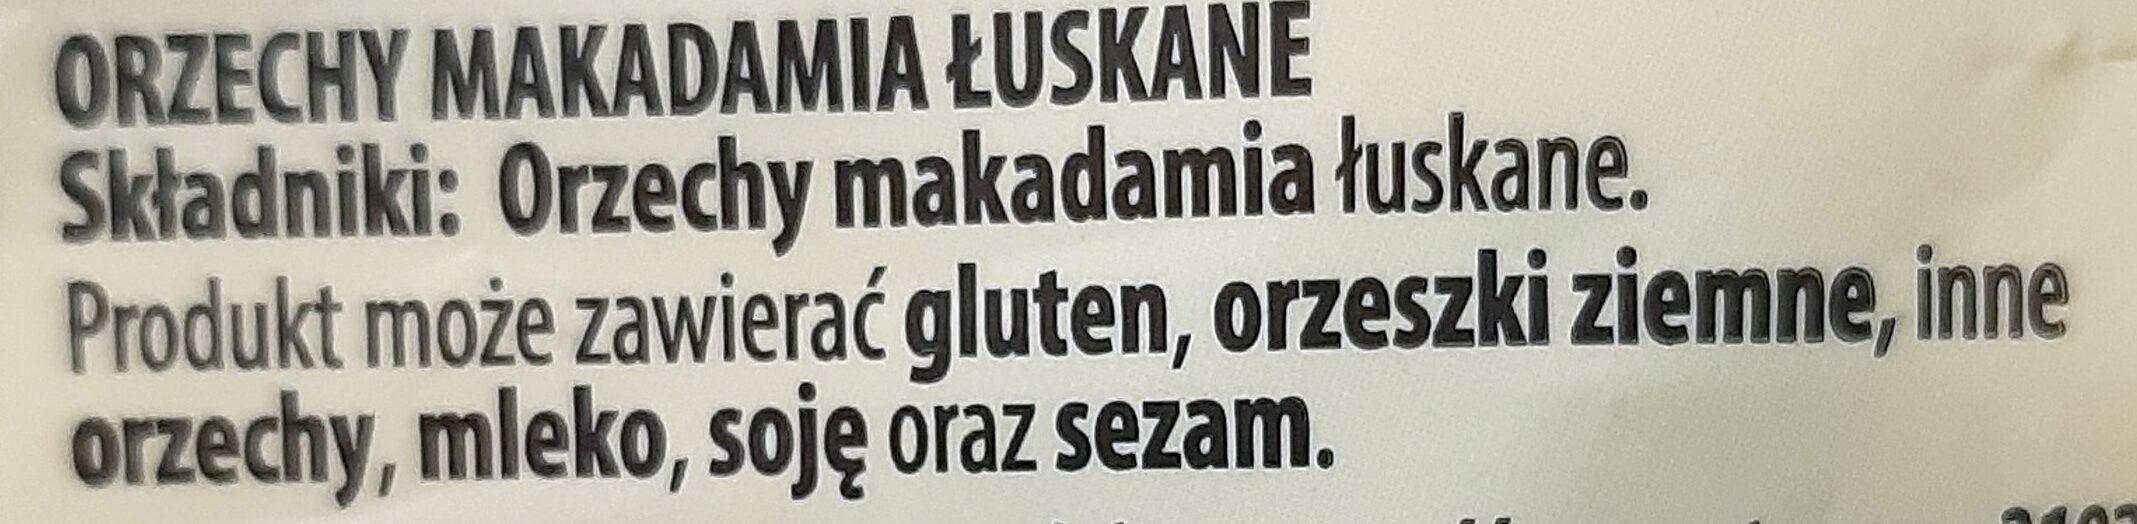 Orzechy makadamia łuskane - Ingredients - pl